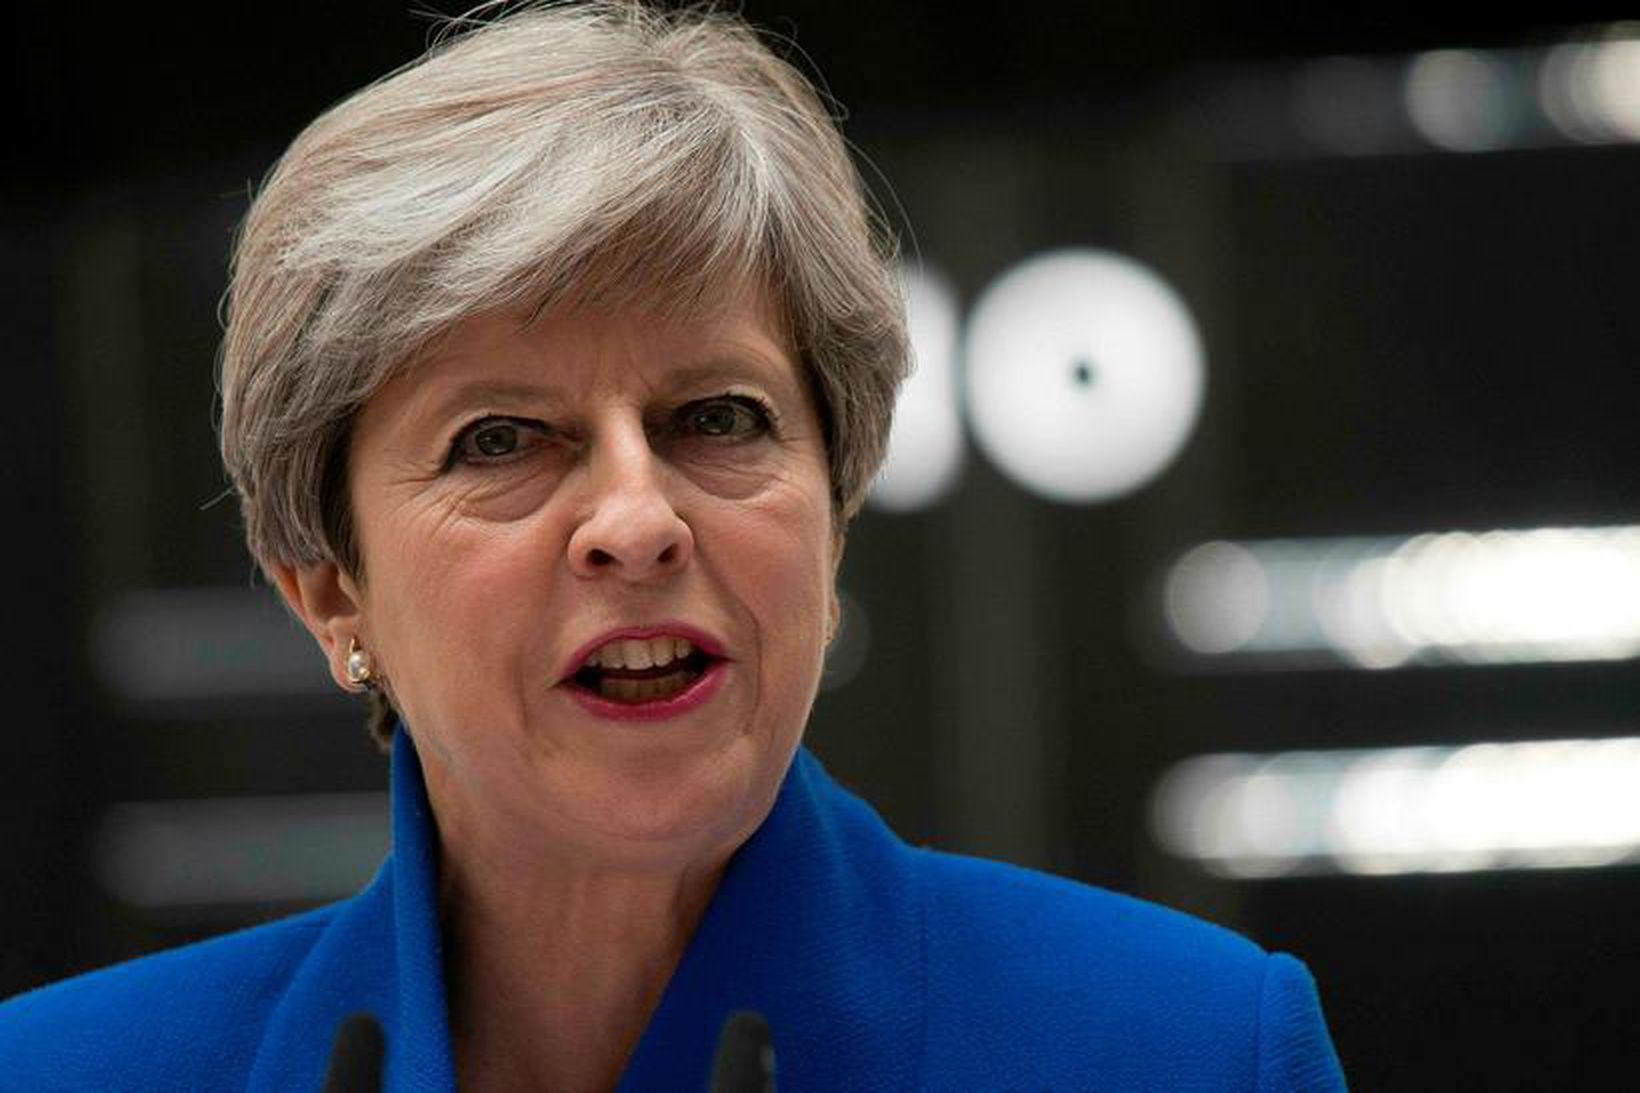 Theresa May, forsætisráðherra Bretlands, flytur ávarp sitt fyrir framan Downingstræti …